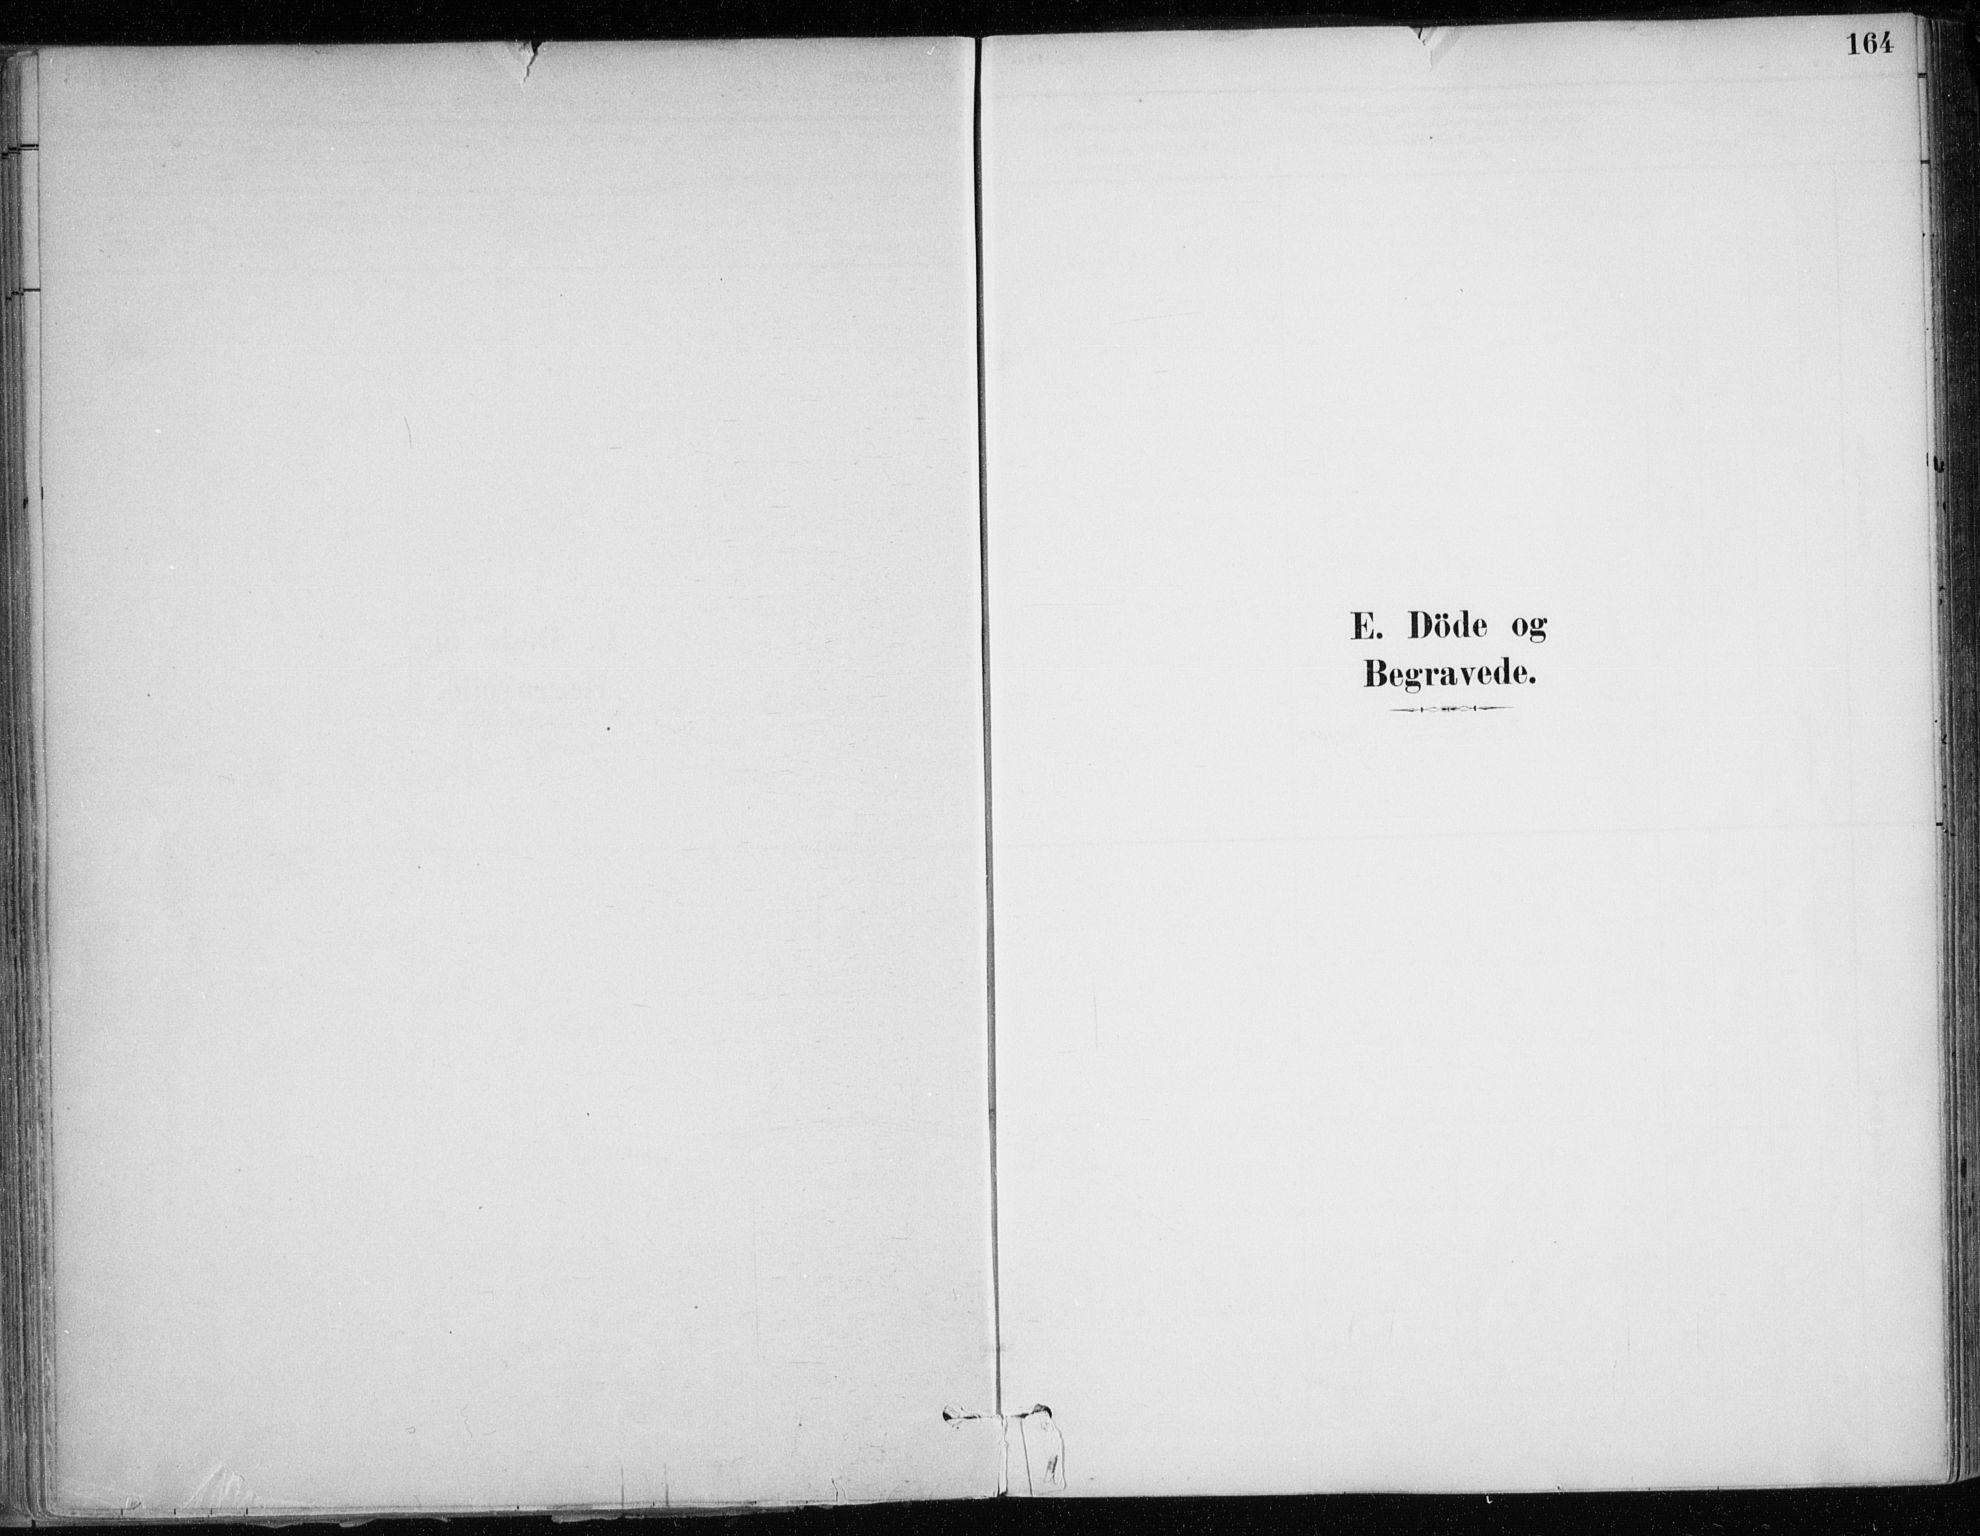 SATØ, Hammerfest sokneprestkontor, H/Ha/L0013.kirke: Ministerialbok nr. 13, 1898-1917, s. 164